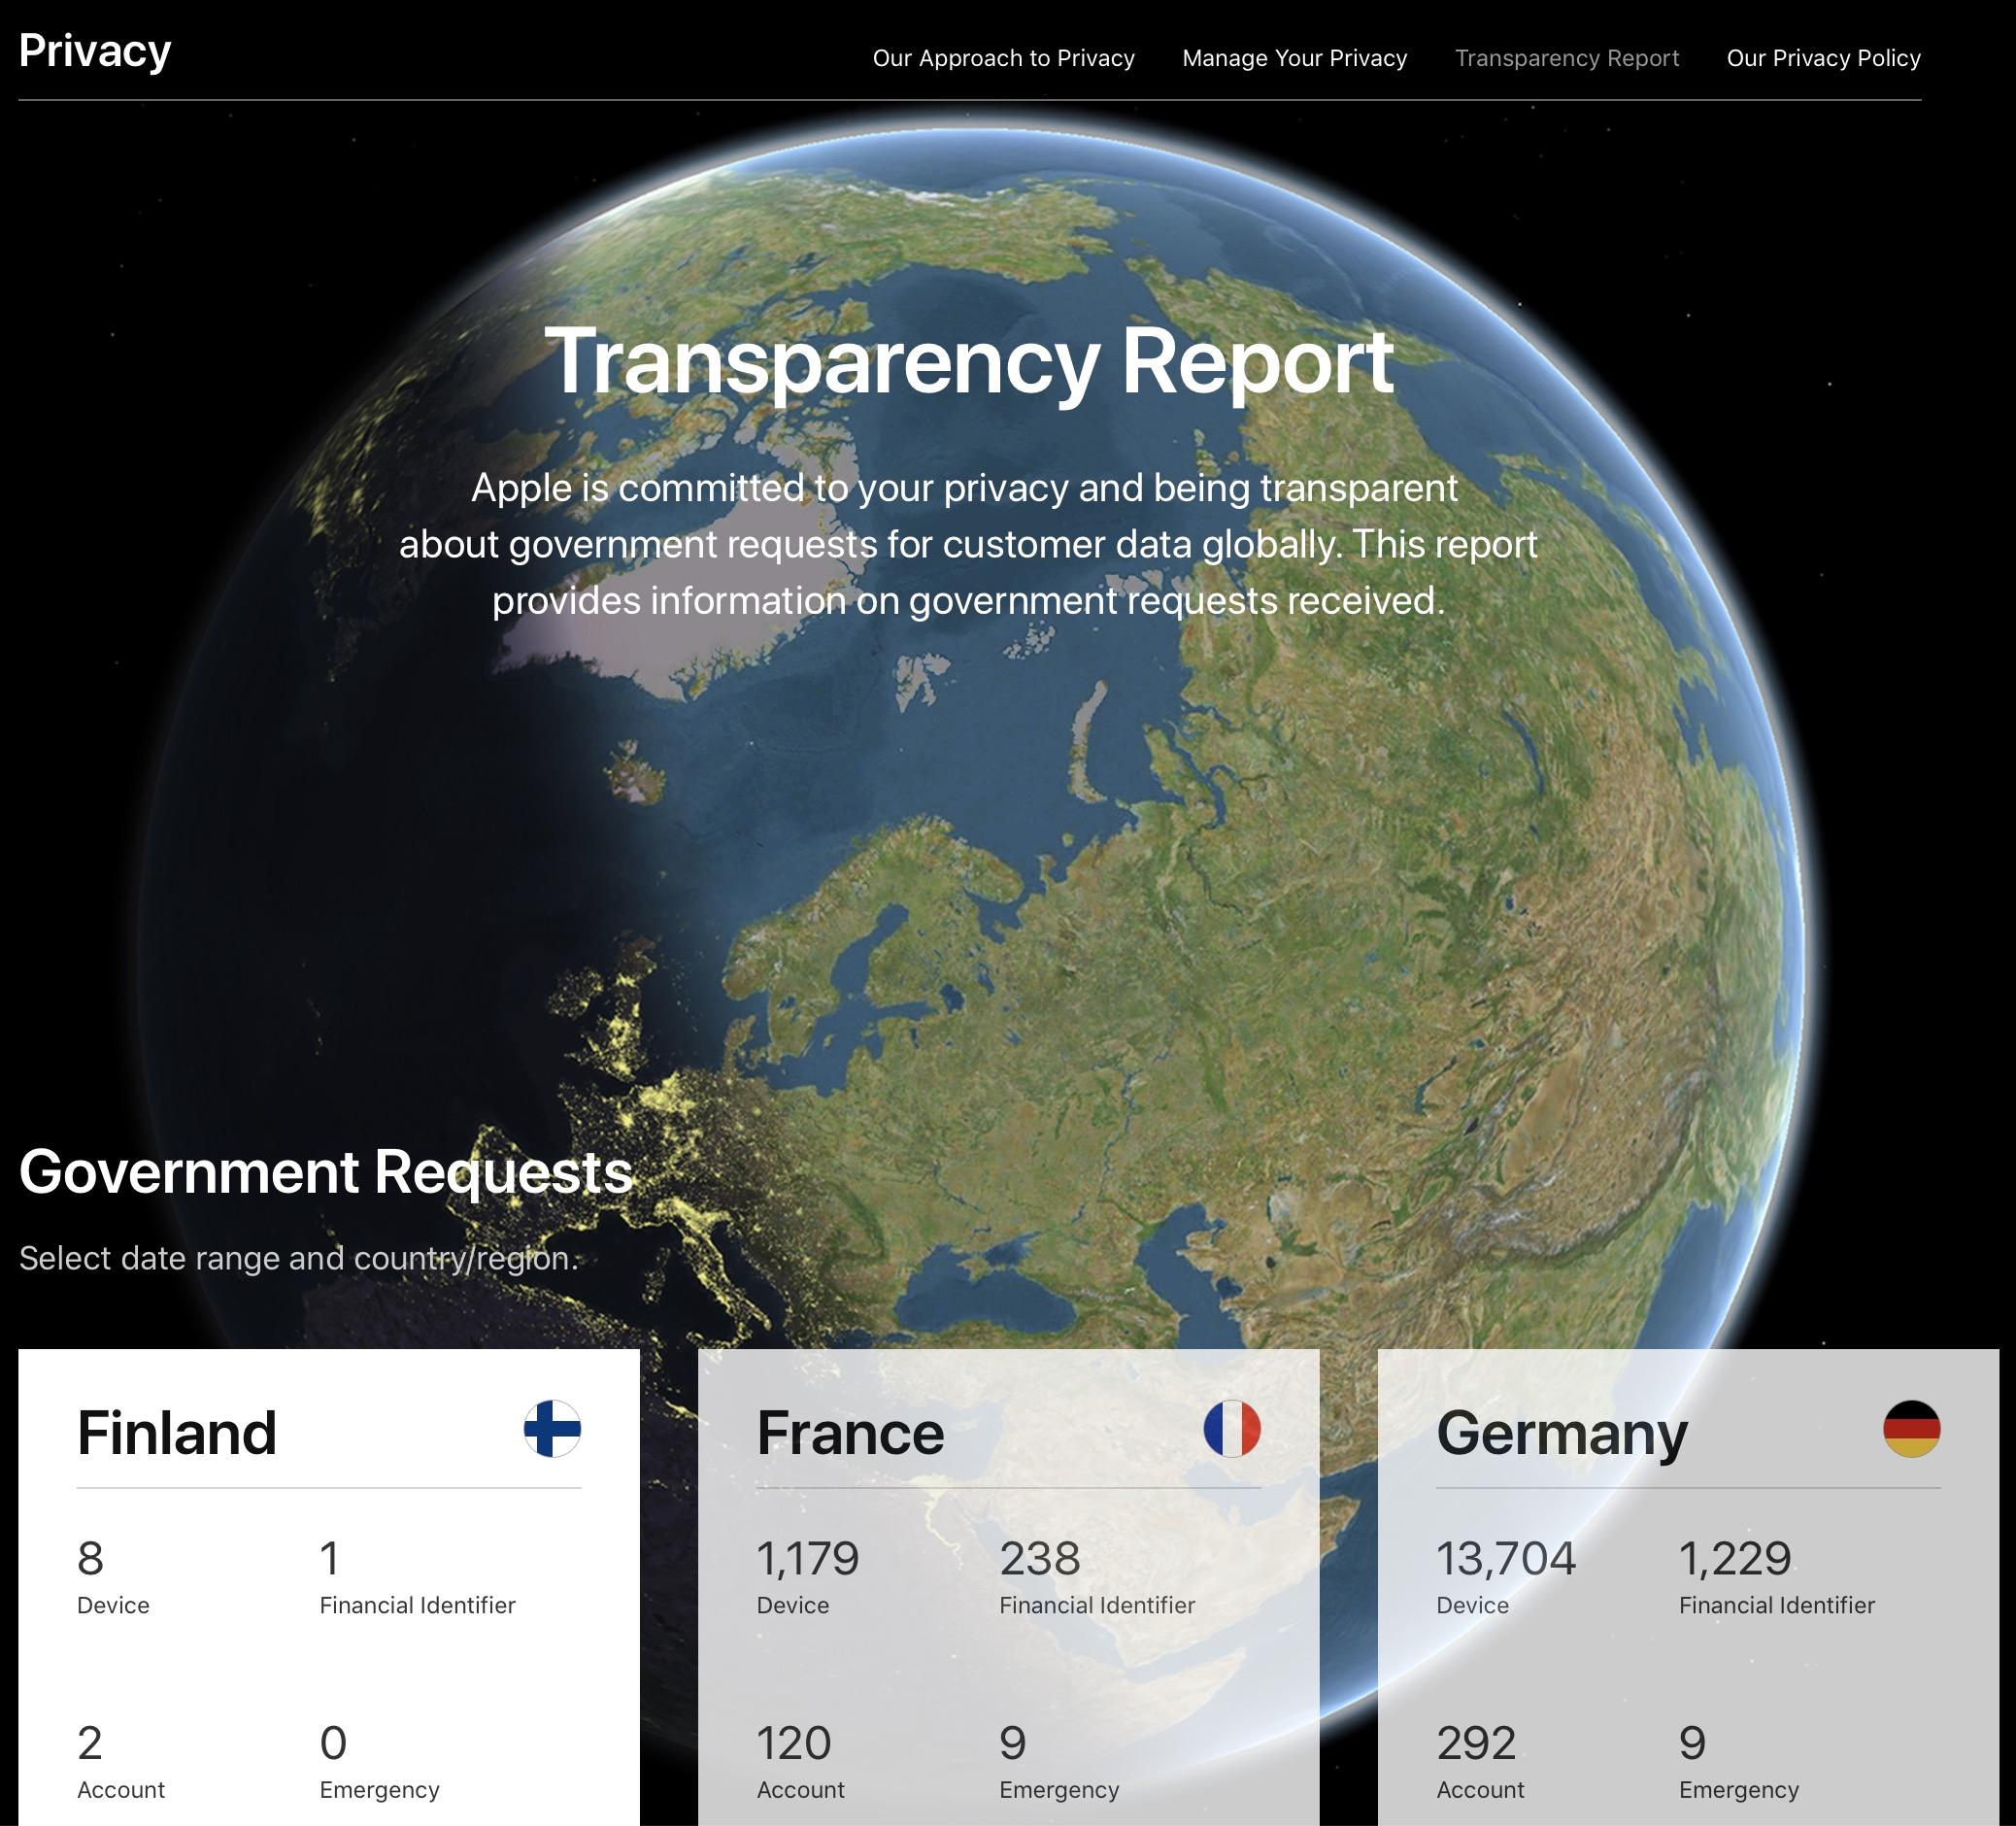 Le rapport annuel Apple sur les demandes gouvernementales toujours plus transparent avec un site dédié (et chiffres France) 1